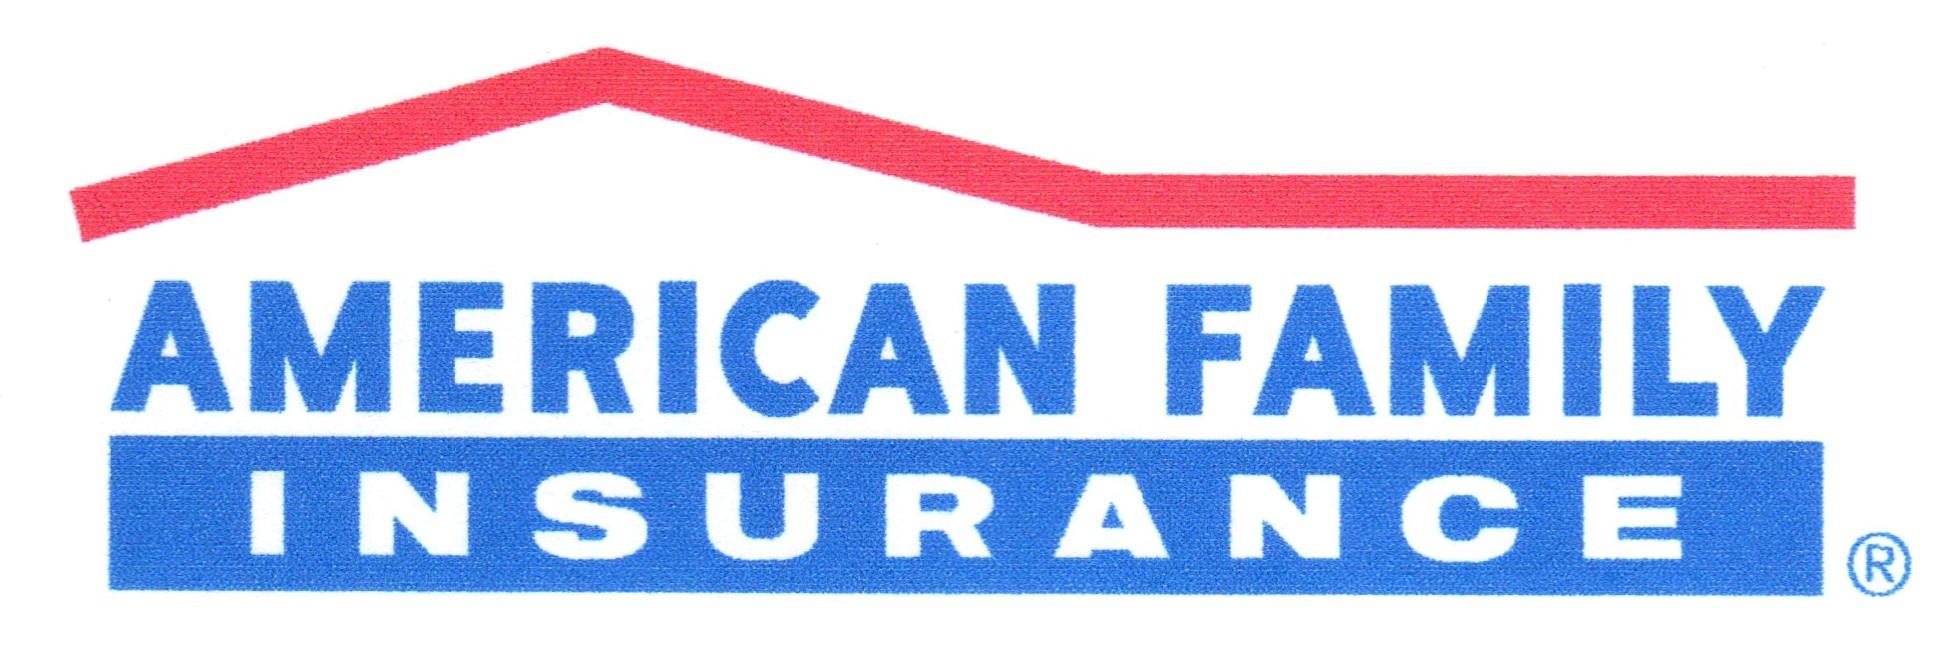 Carol Carver Insurance -